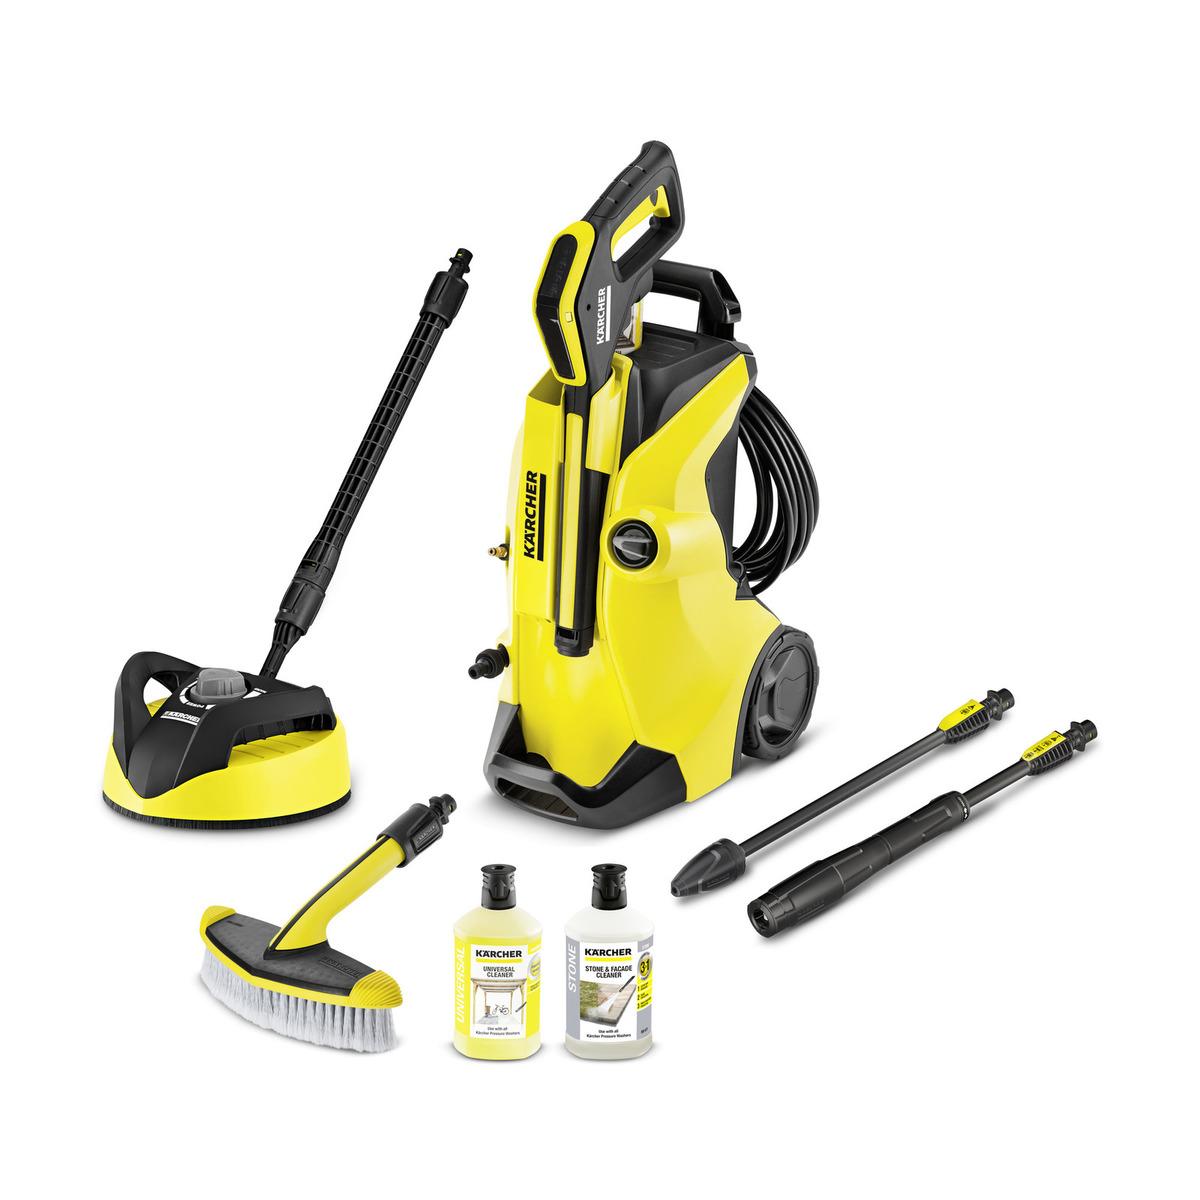 Vysokotlaký čistič KÄRCHER K 4 Full Control Home & Brush (1.324-021.0)